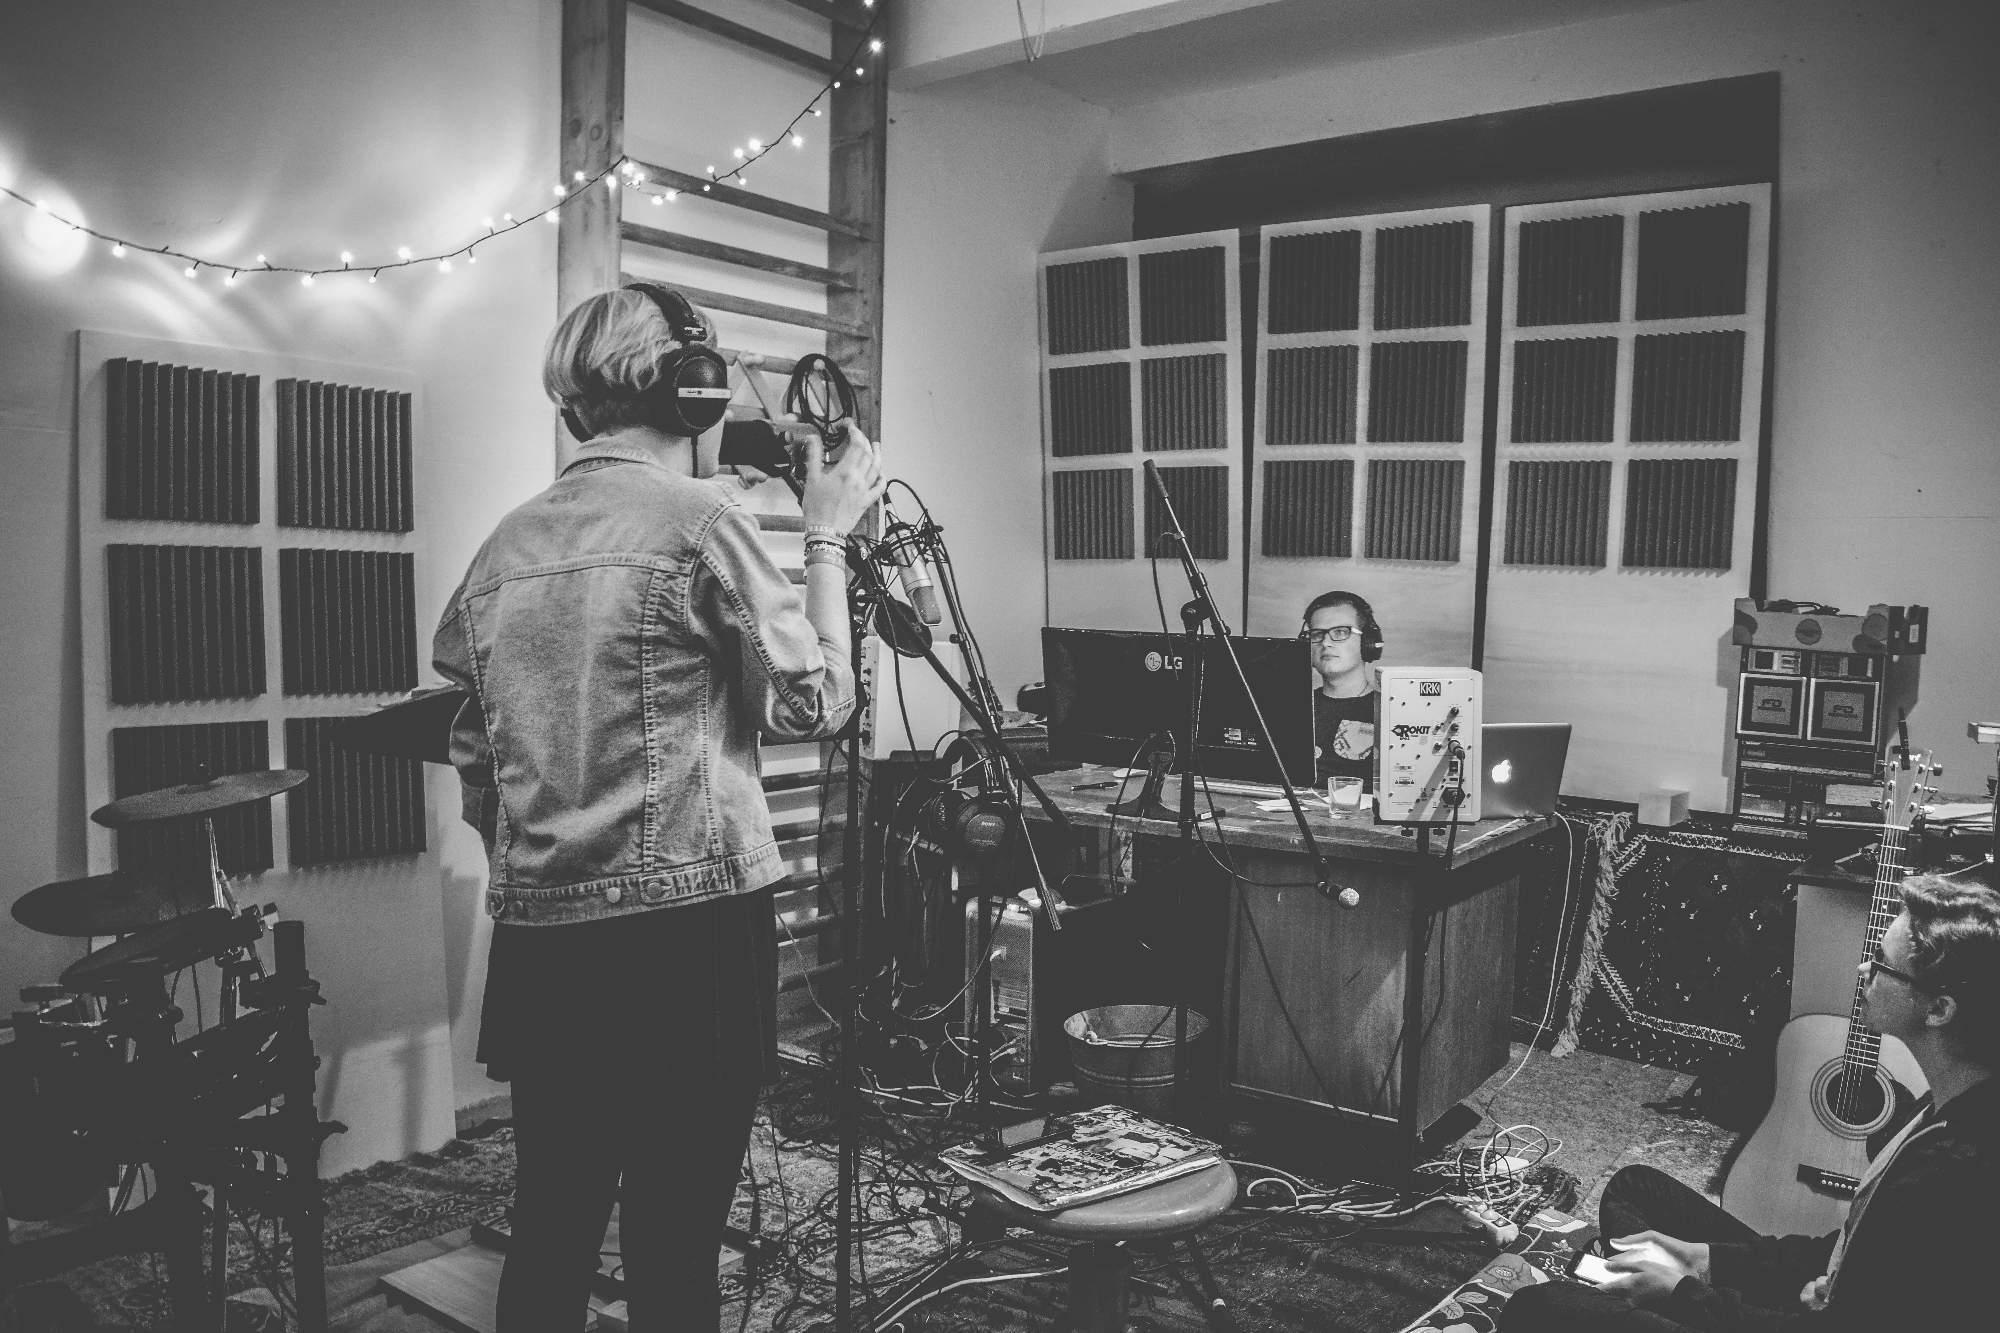 Kapela Break Falls při nahrávání svého debutového alba. Foto: Lenka Jebáčková